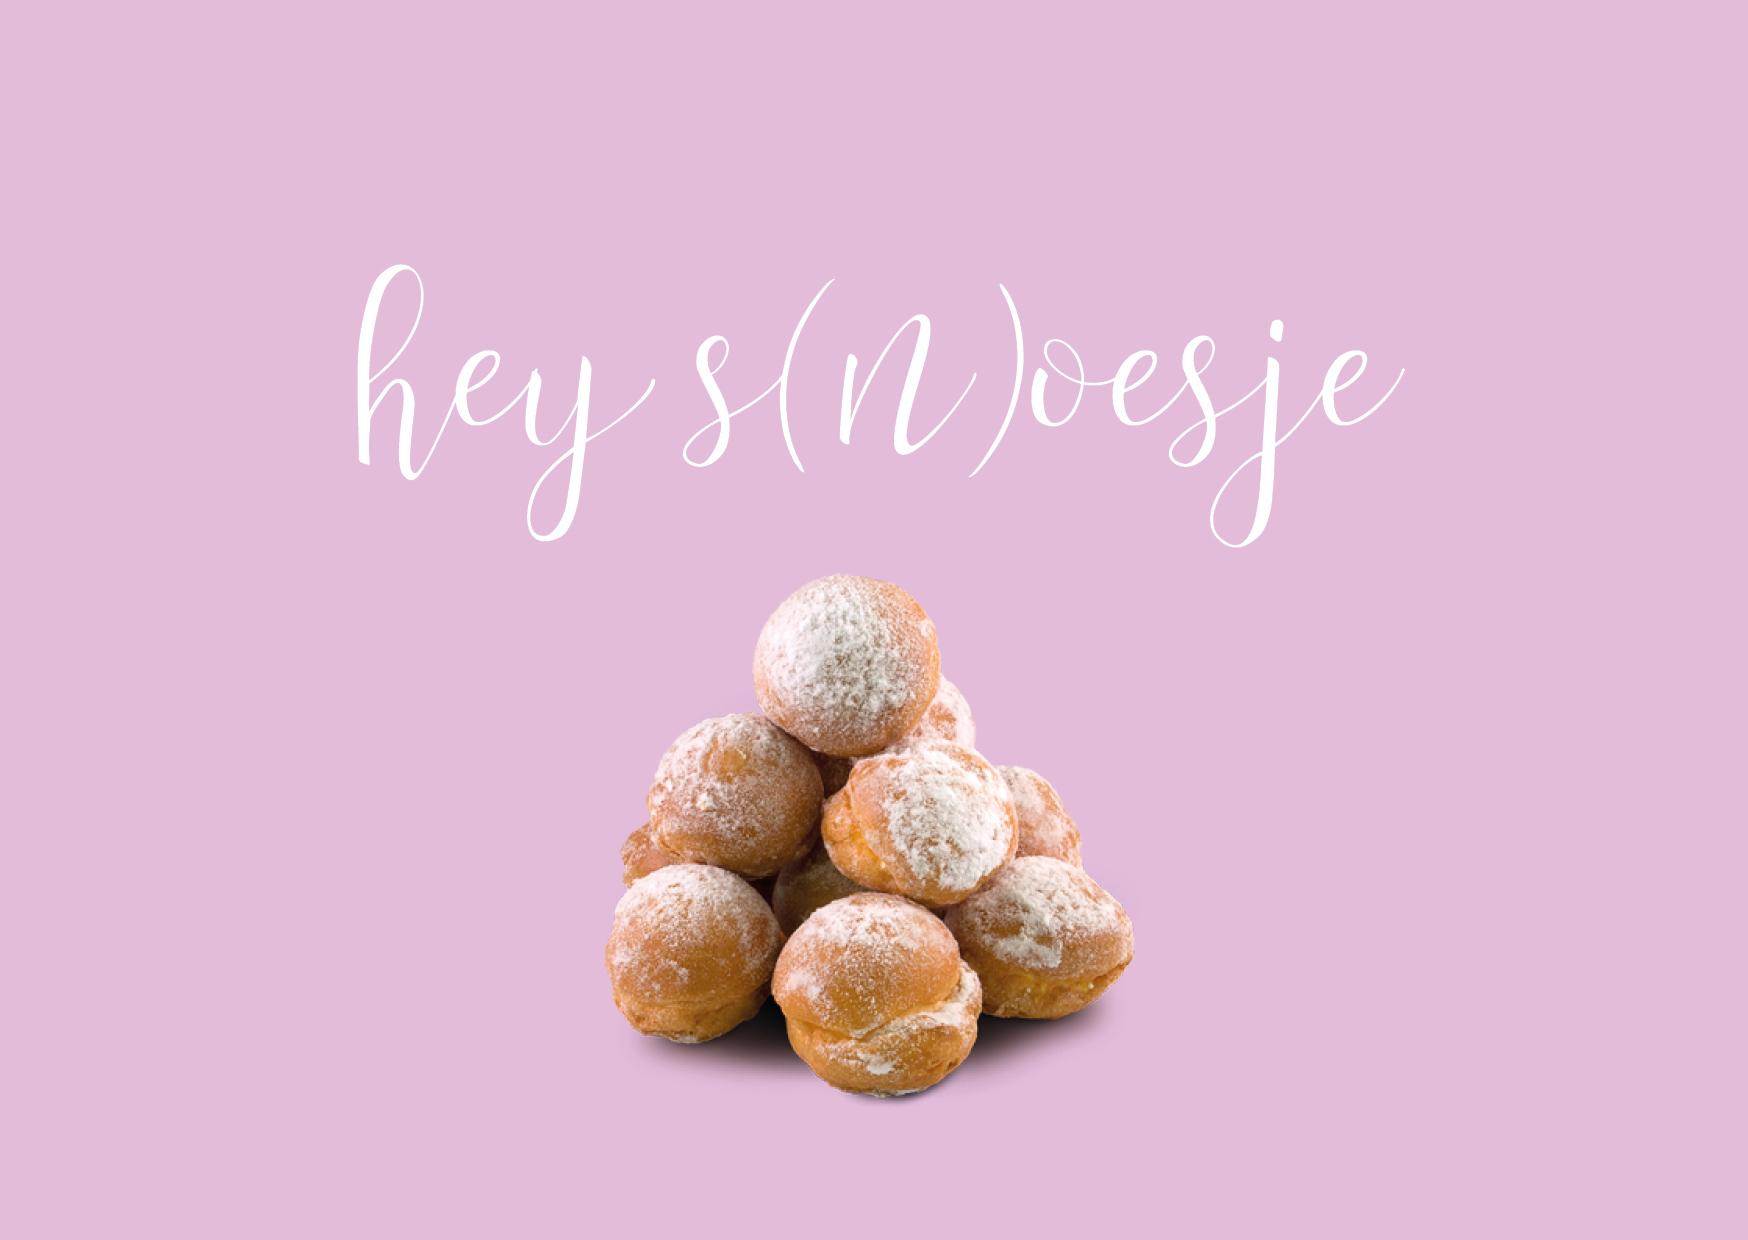 Hey (s)noesje - Ansichtkaart